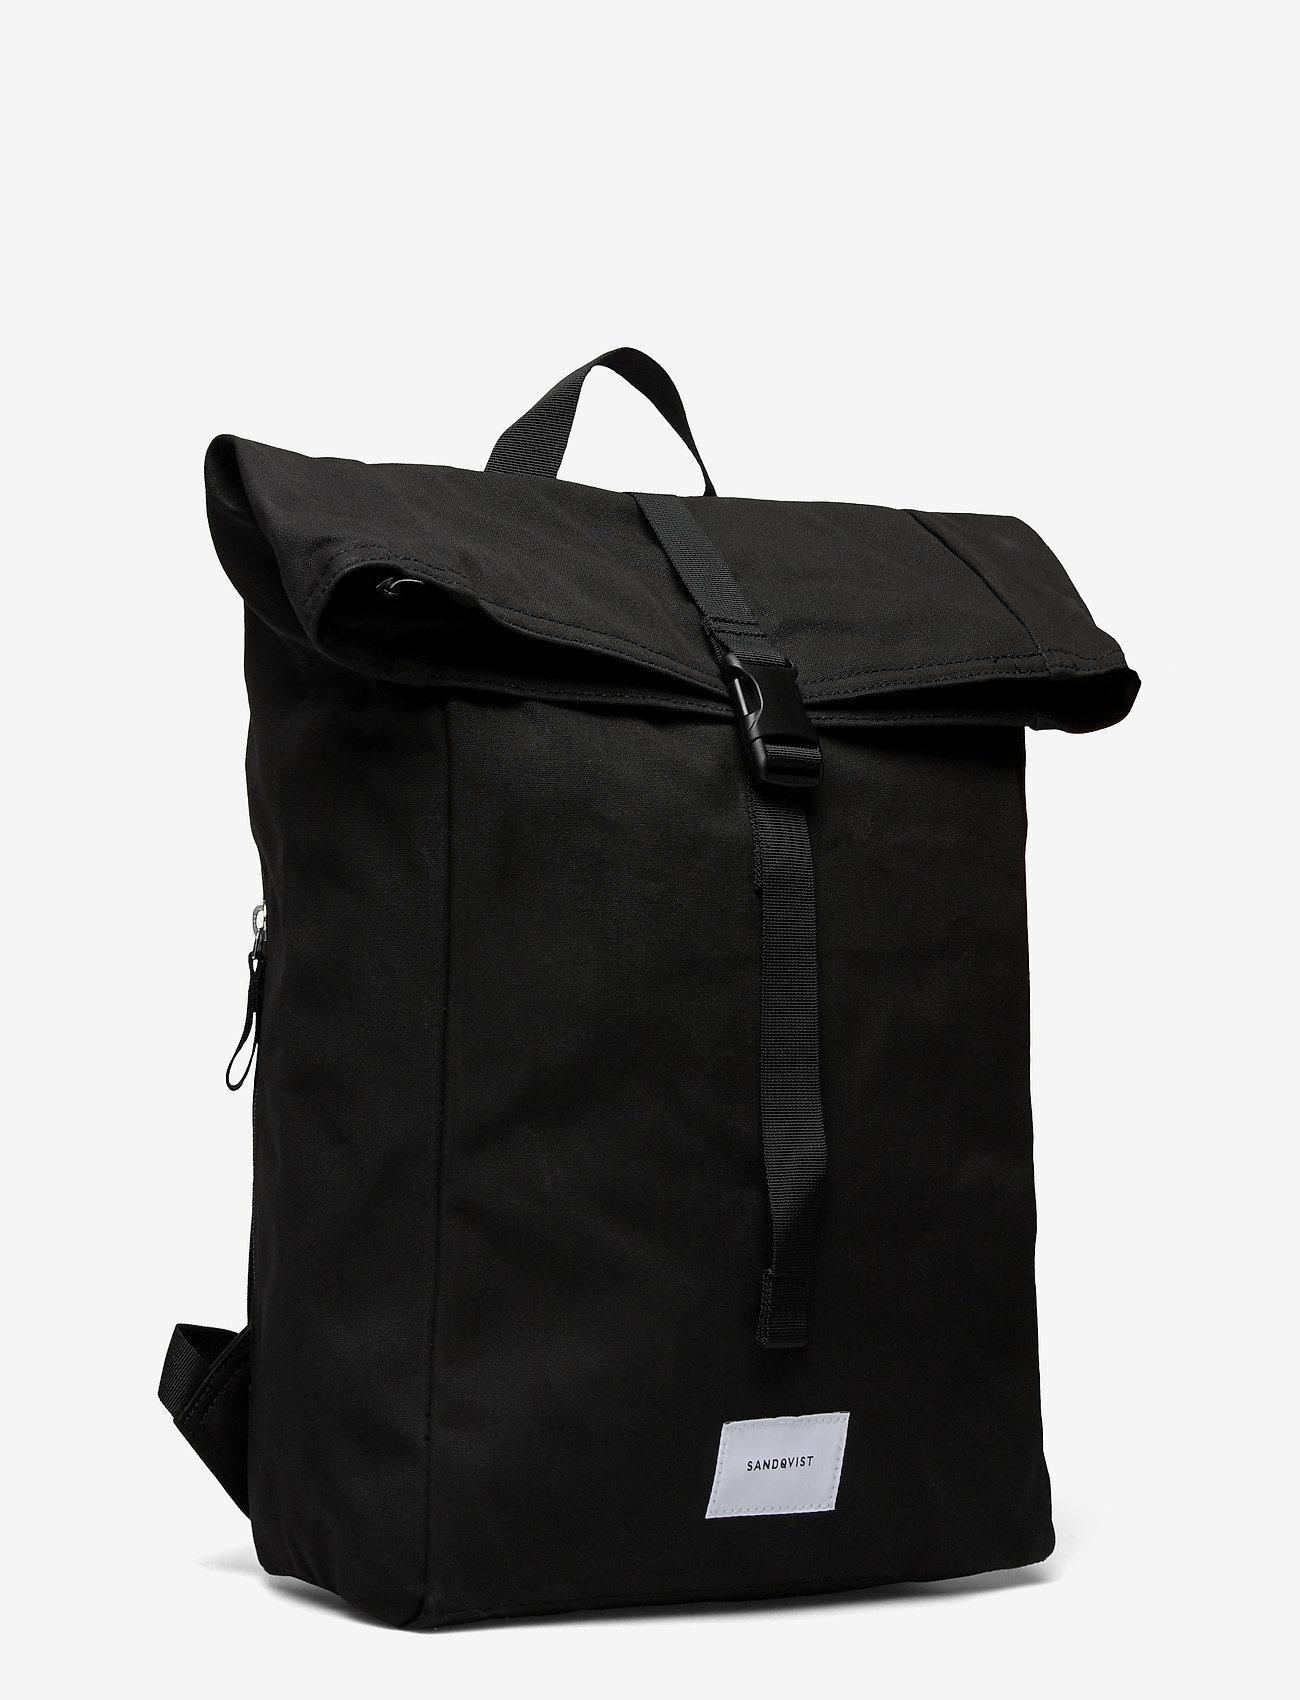 SANDQVIST - KAJ - bags - black with black webbing - 3